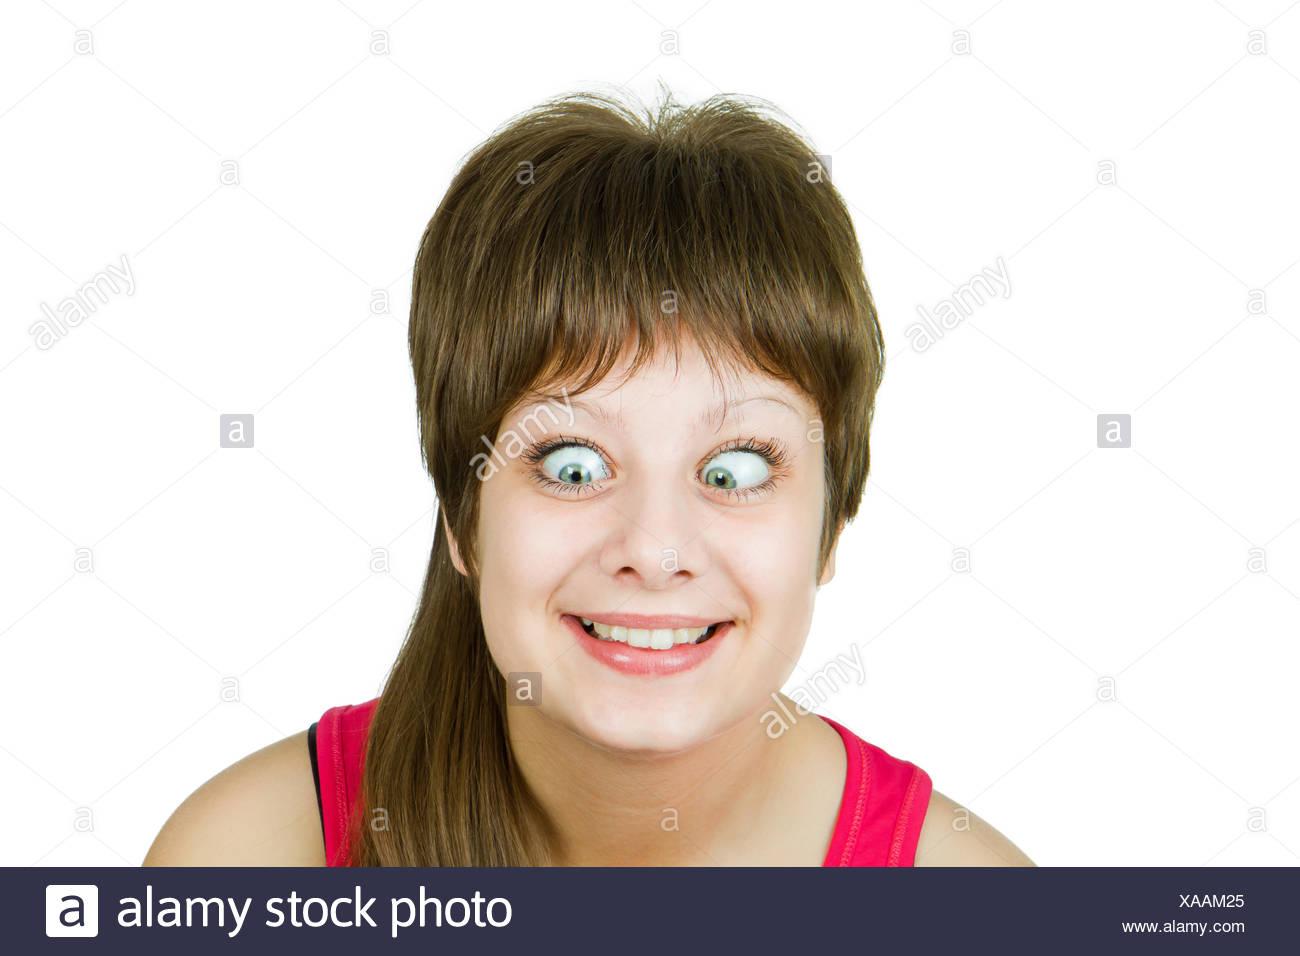 Mädchen mit verrückten Augen Stockbild